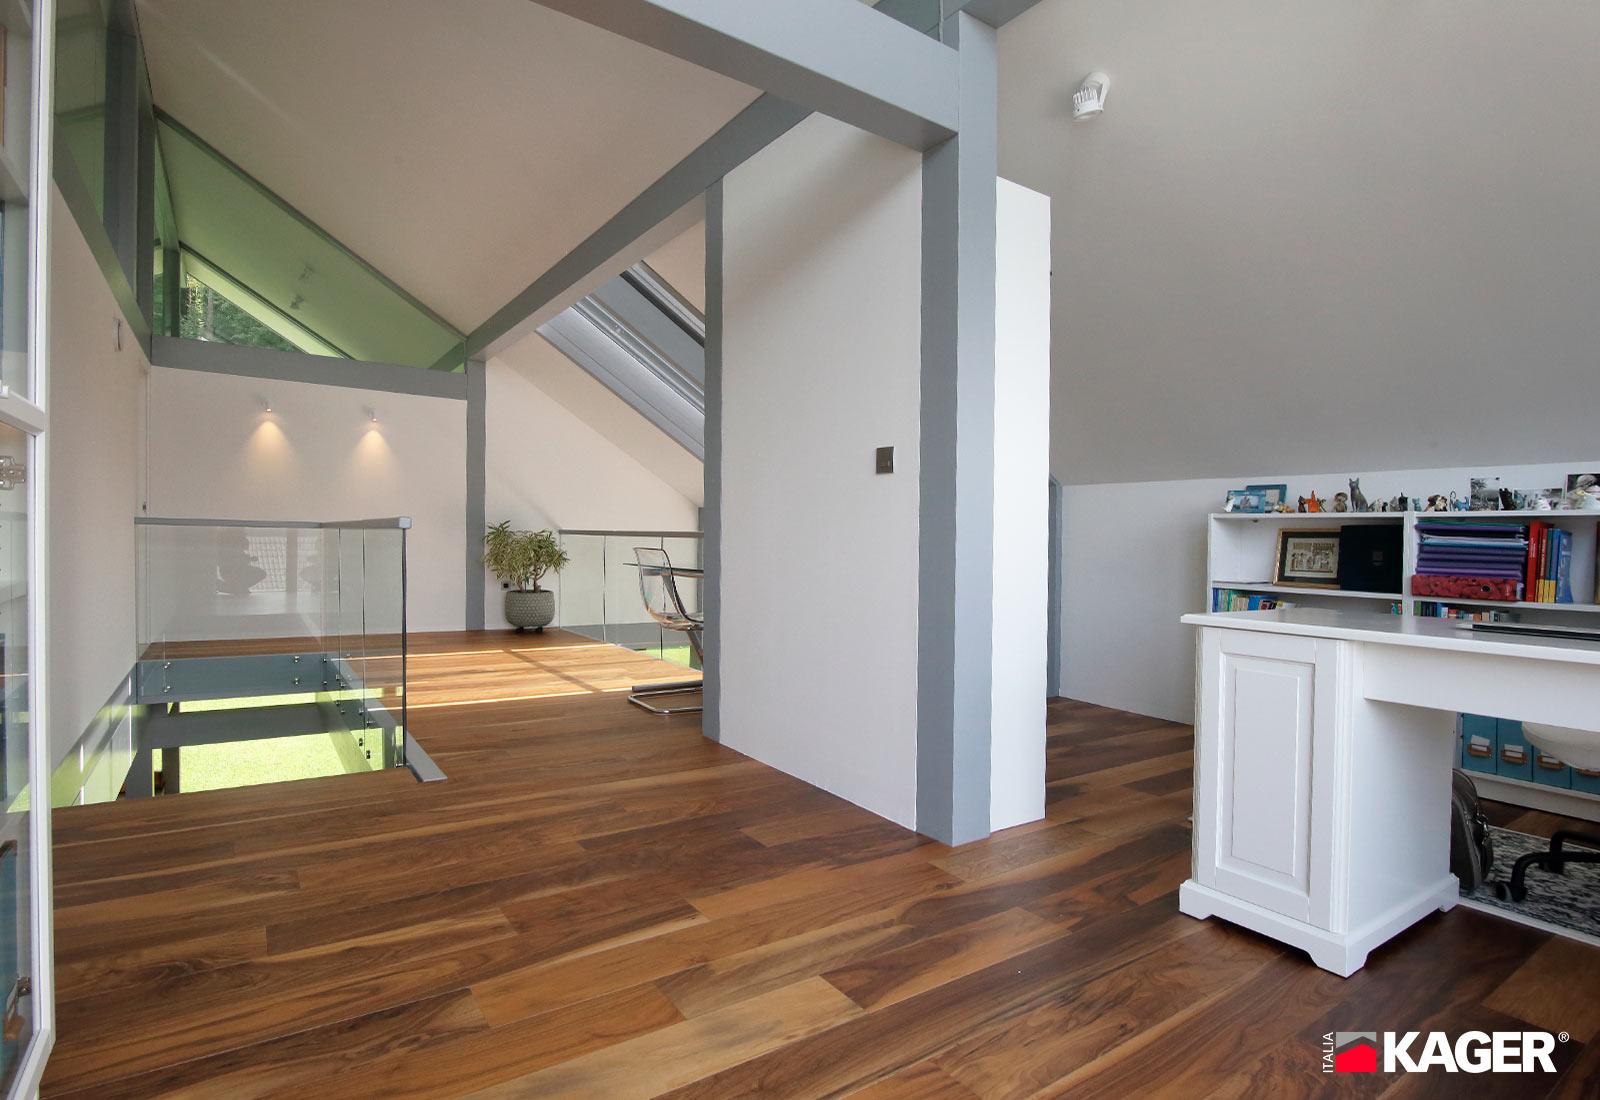 Casa-in-legno-Lubiana-2-Kager-Italia-06